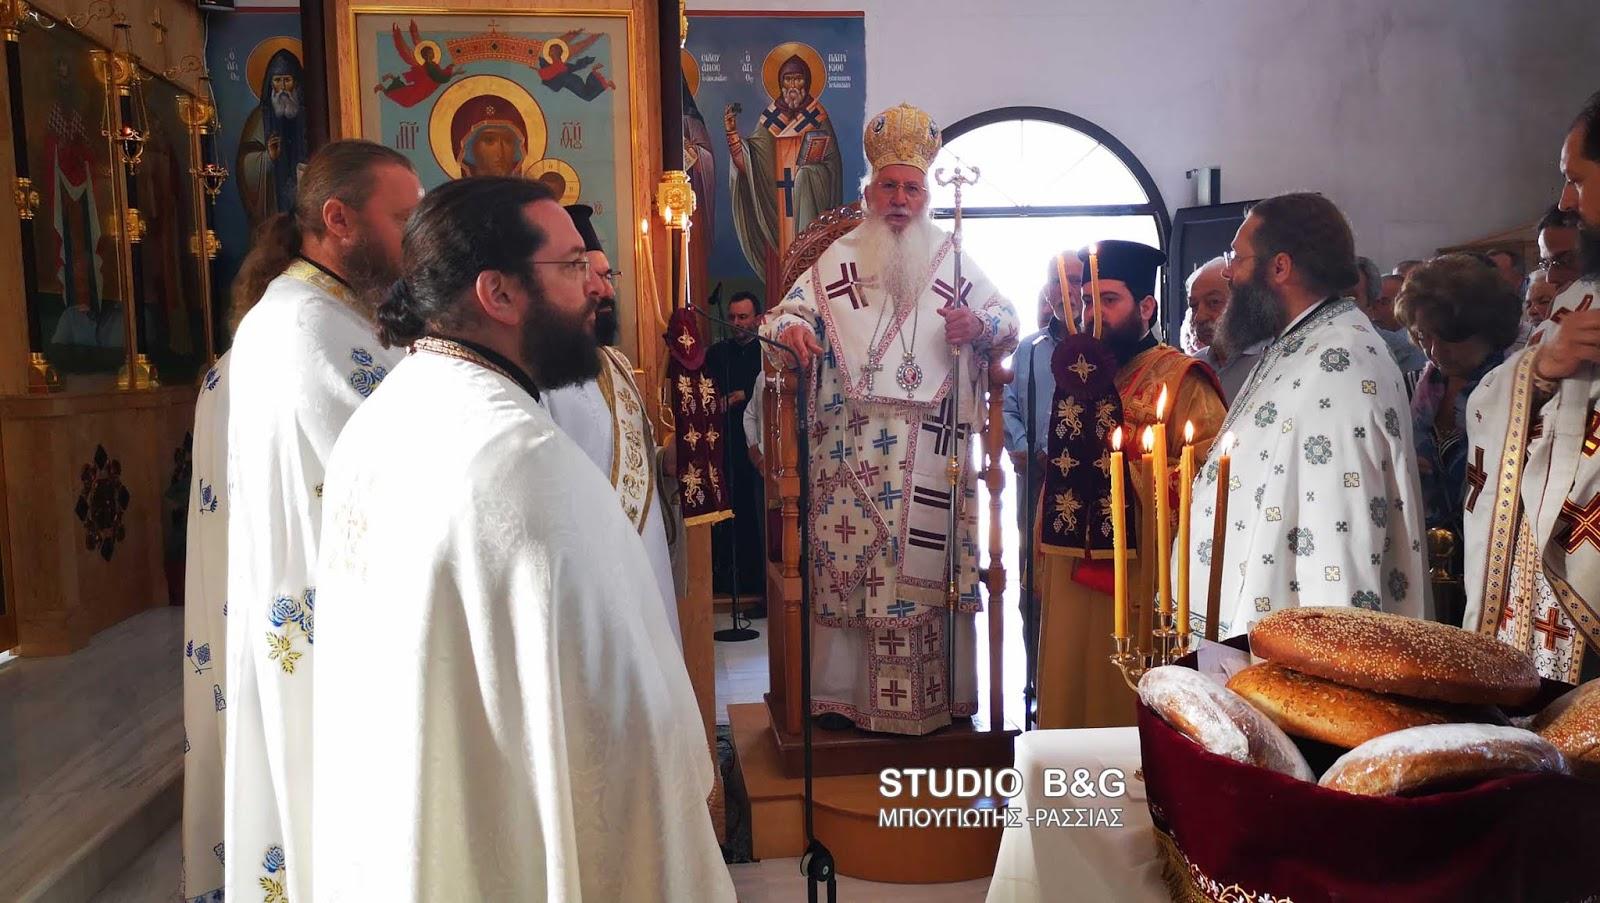 Αρχιερατική Θεία Λειτουργία στον Άγιο Λουκά Λευκακίων Ναυπλίου